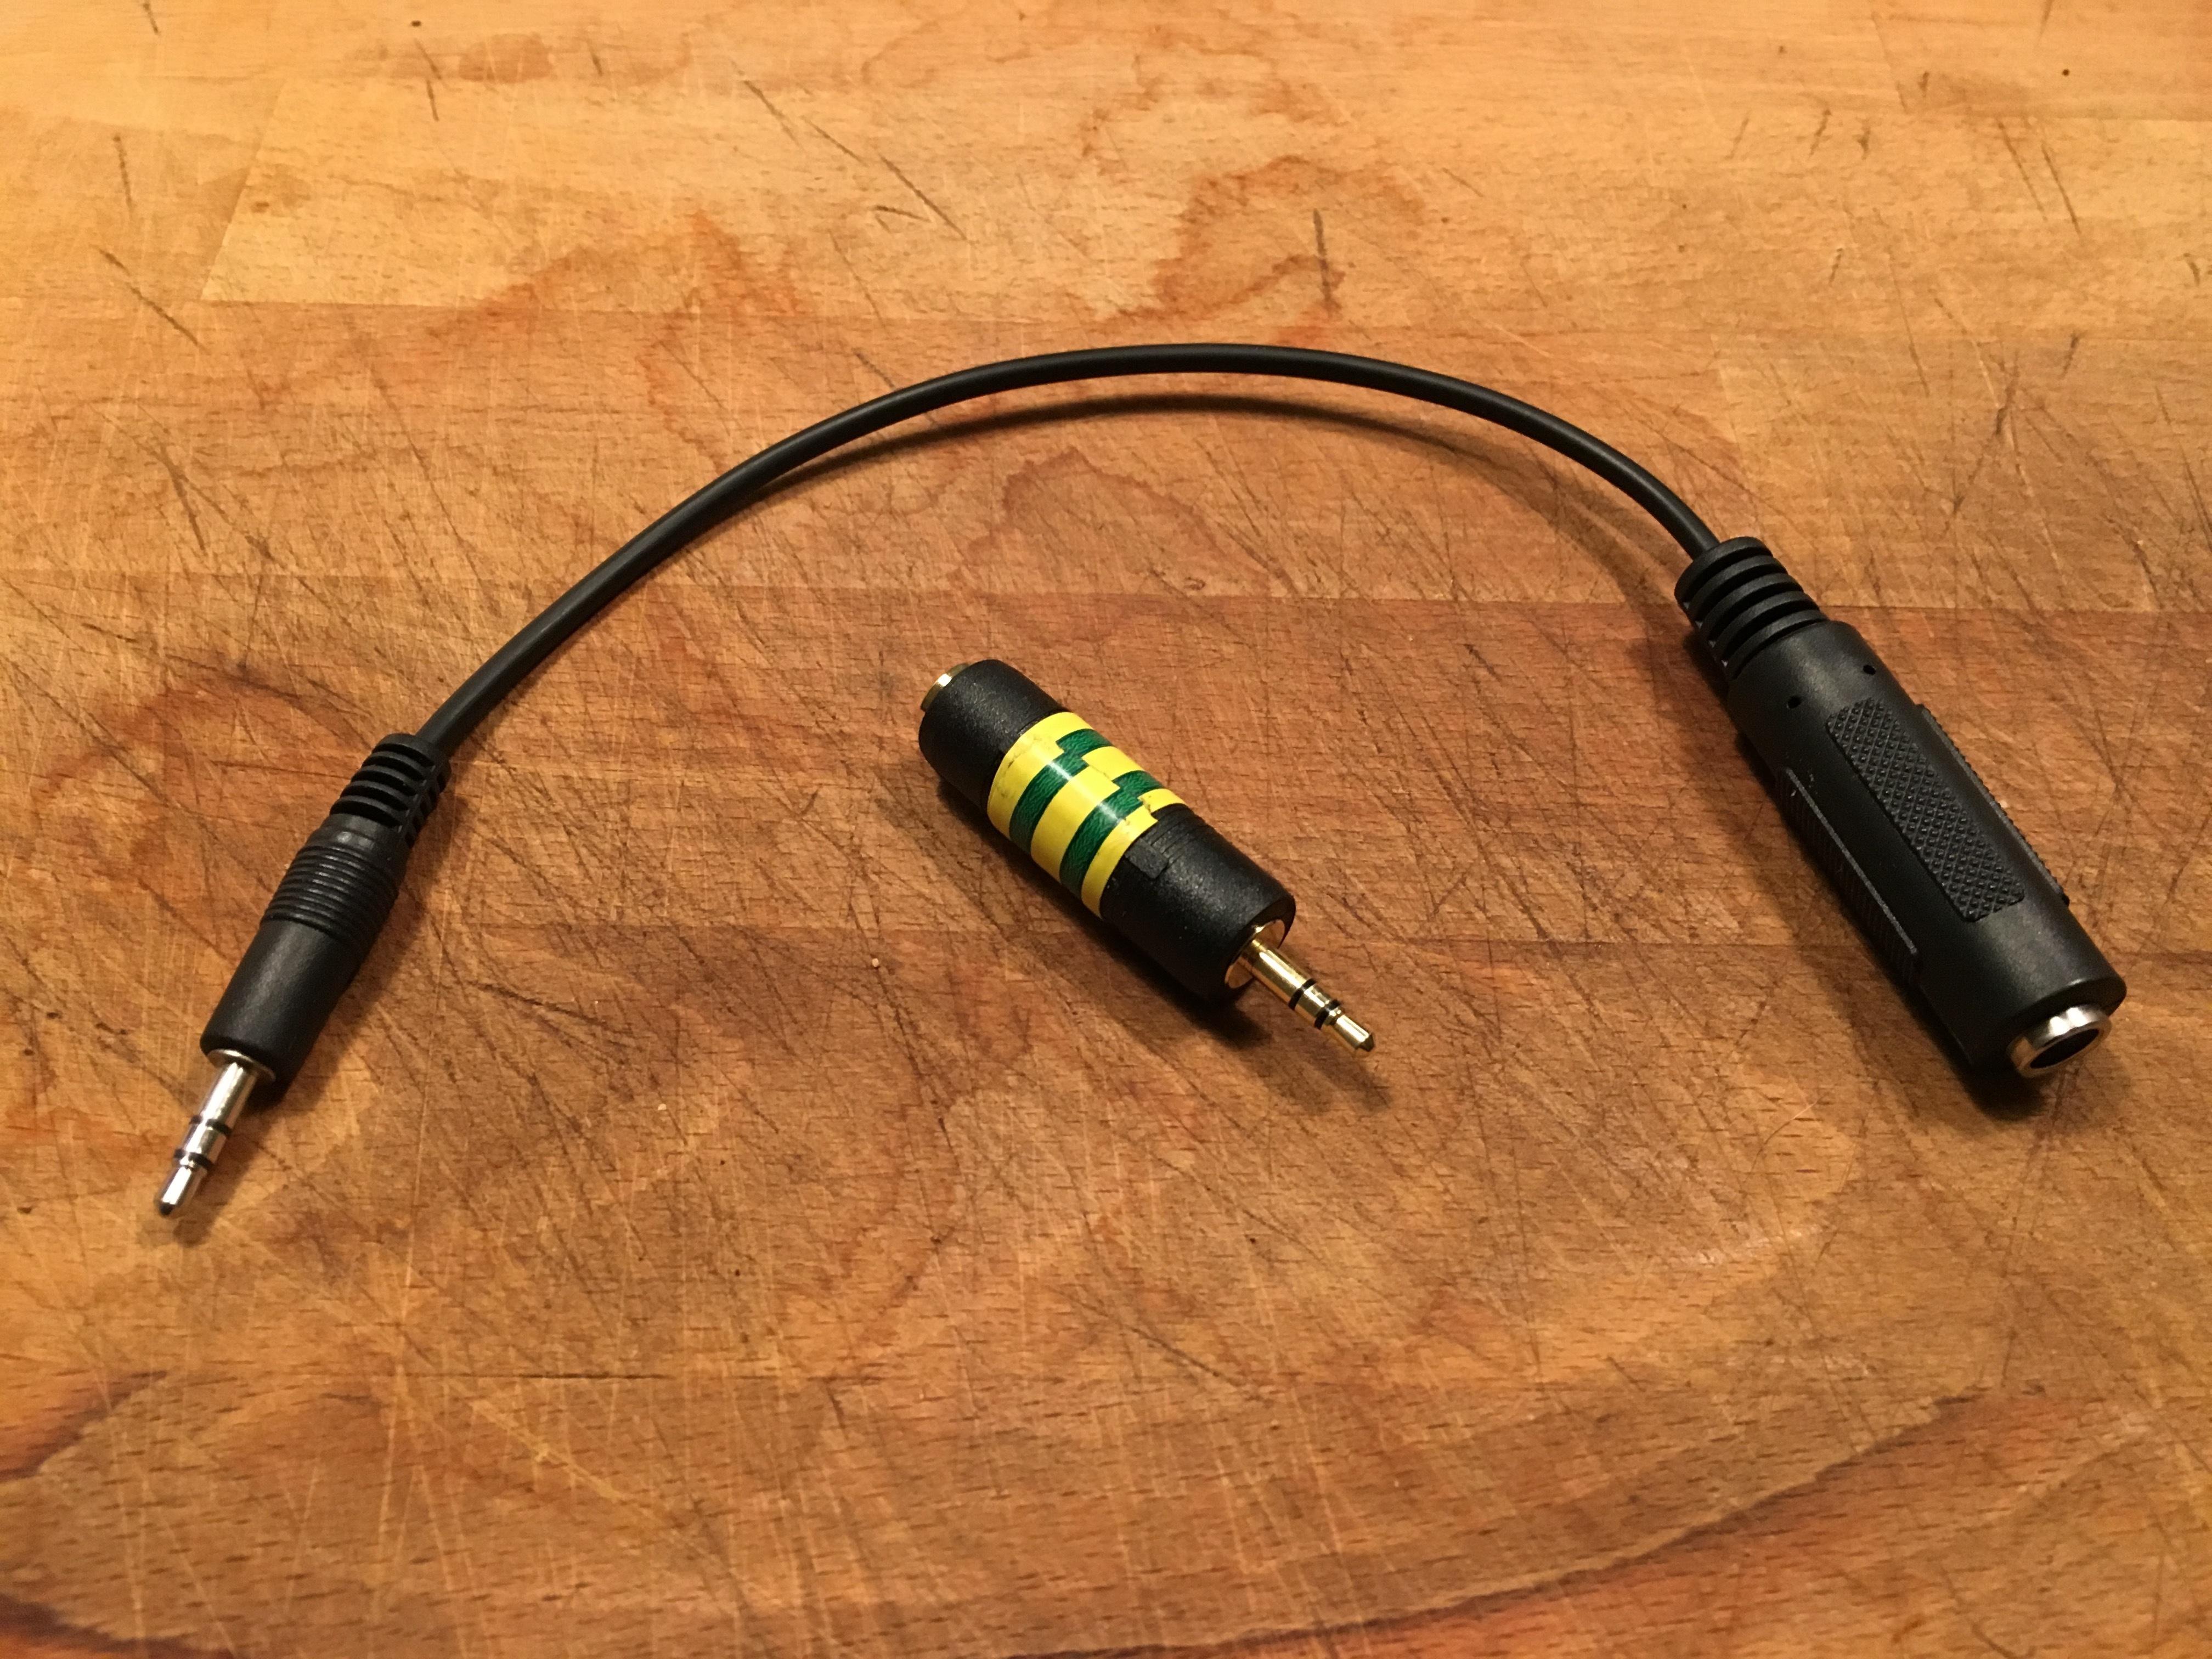 Ungewöhnlich Kopfhörer Kabel Diagramm Ideen - Der Schaltplan ...